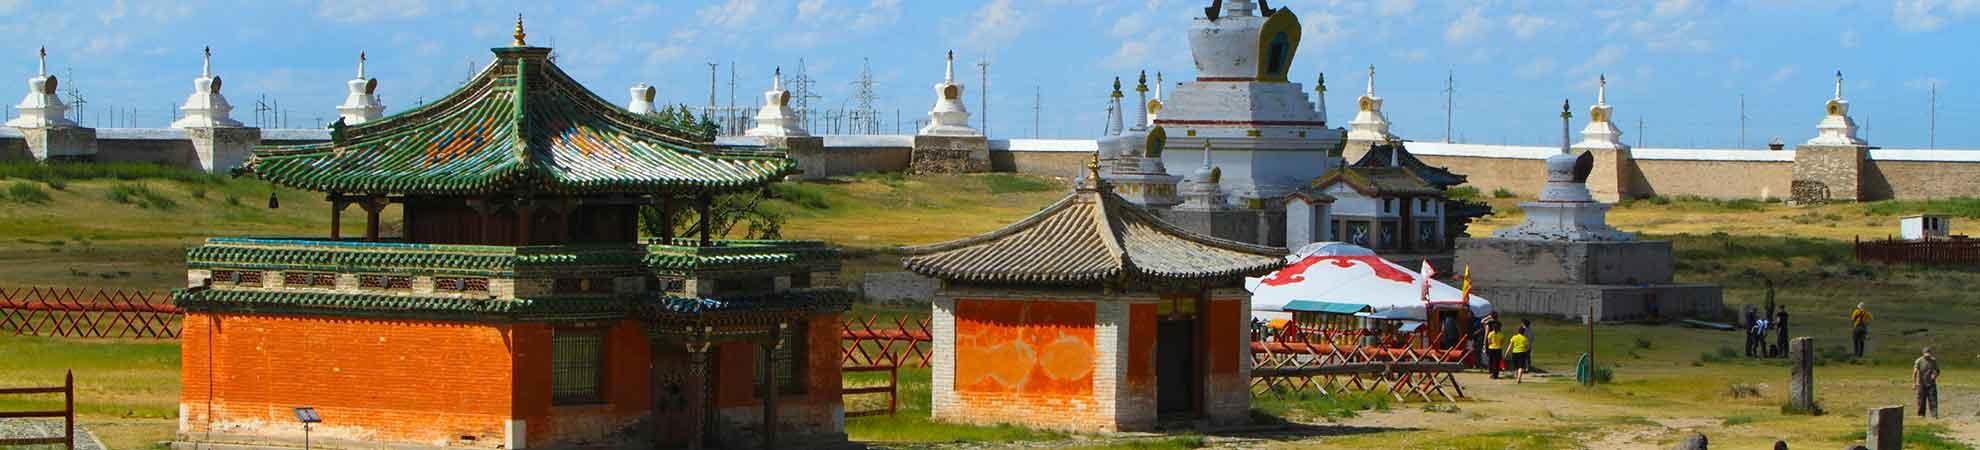 Informations pratiques Mongolie